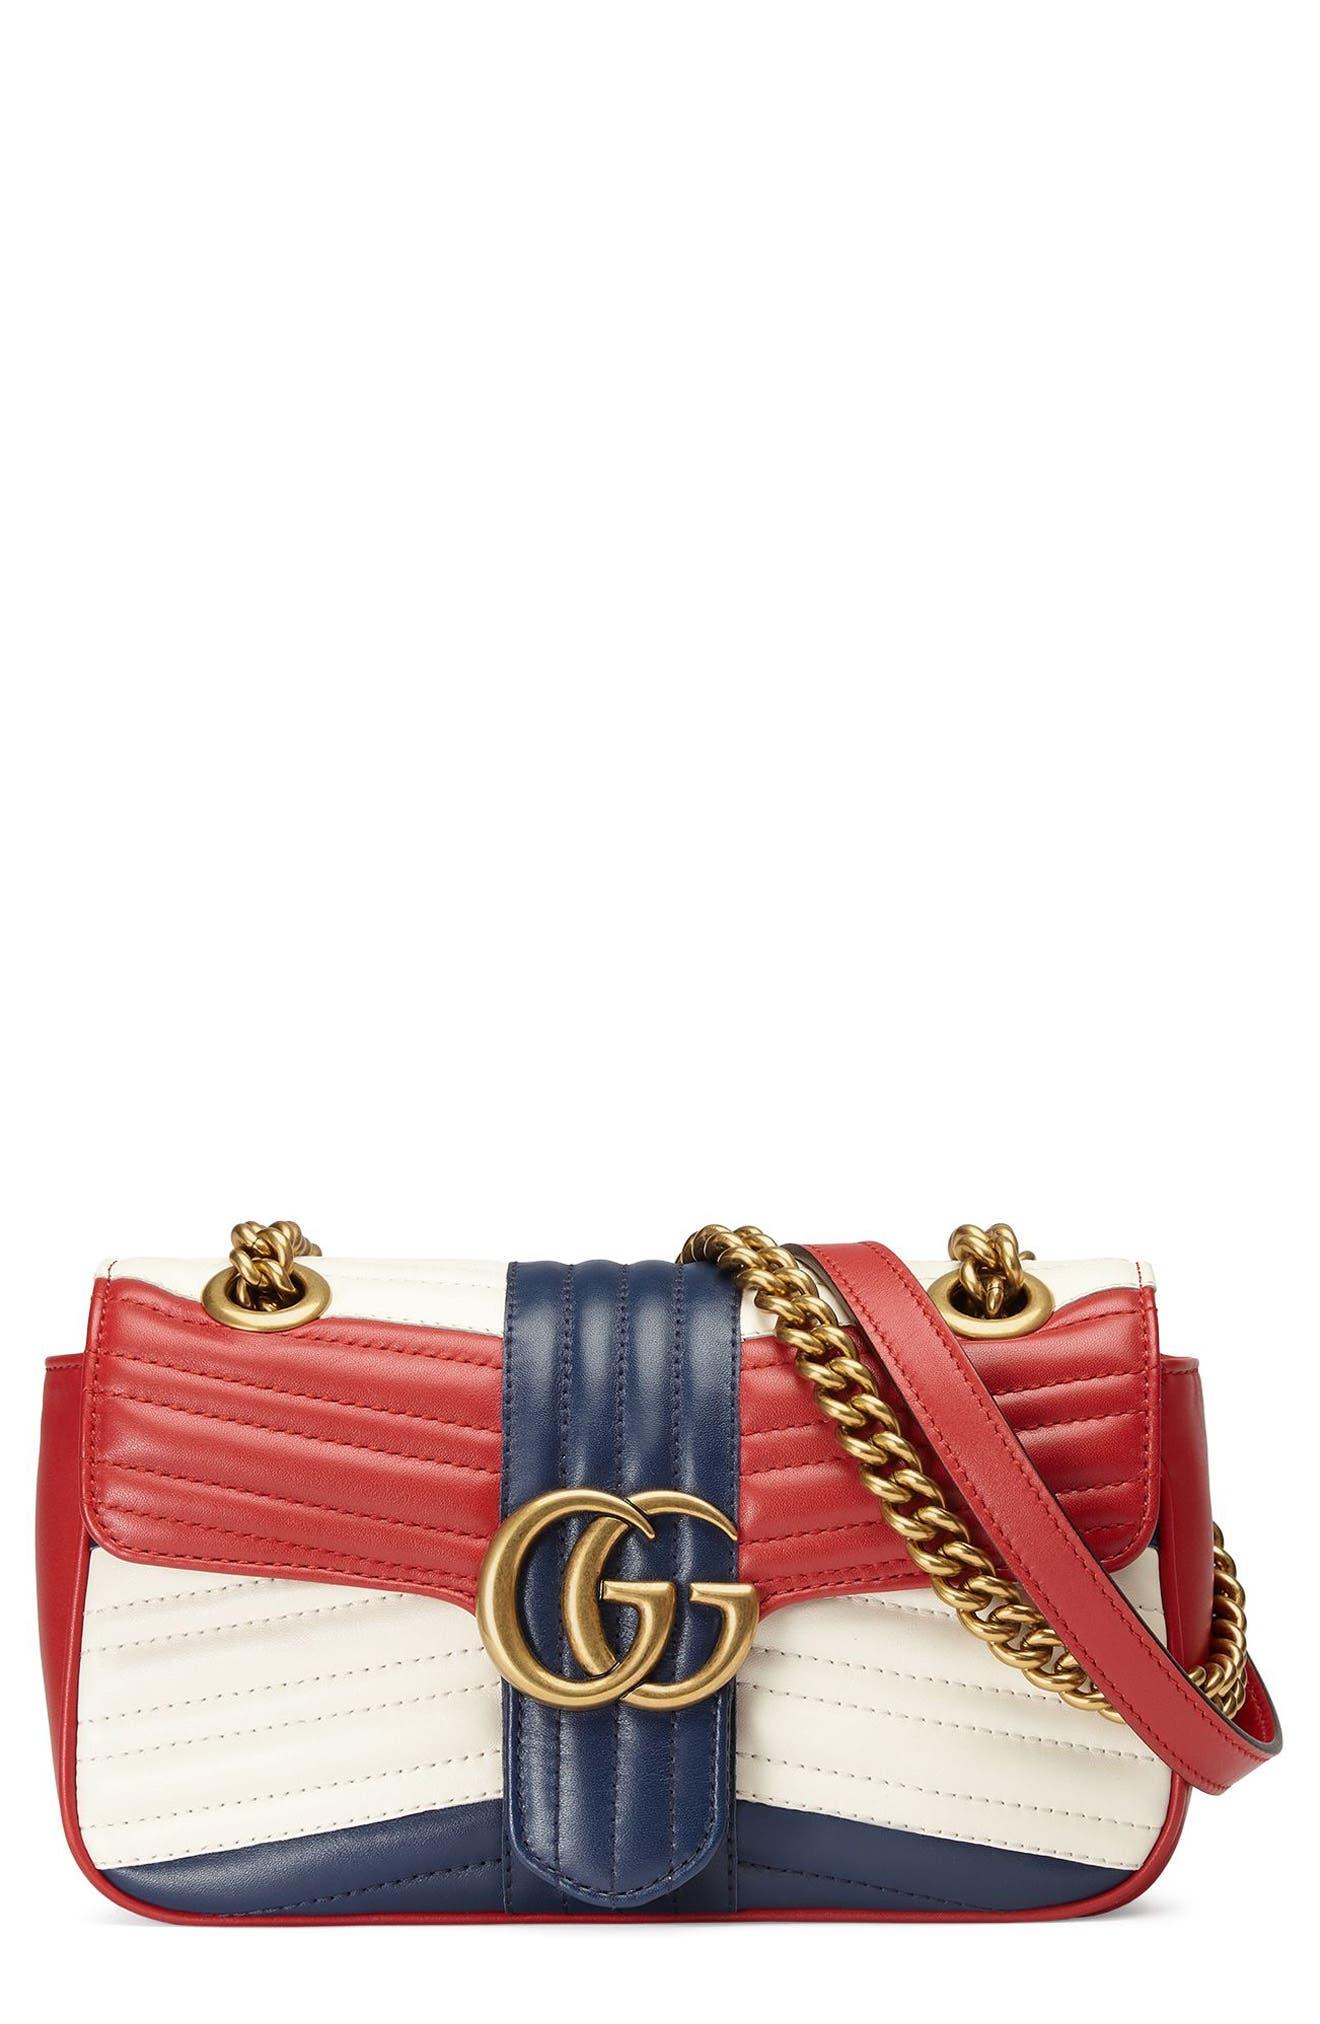 Main Image - Gucci Mini GG Marmont 2.0 Tricolor Matelassé Leather Shoulder Bag